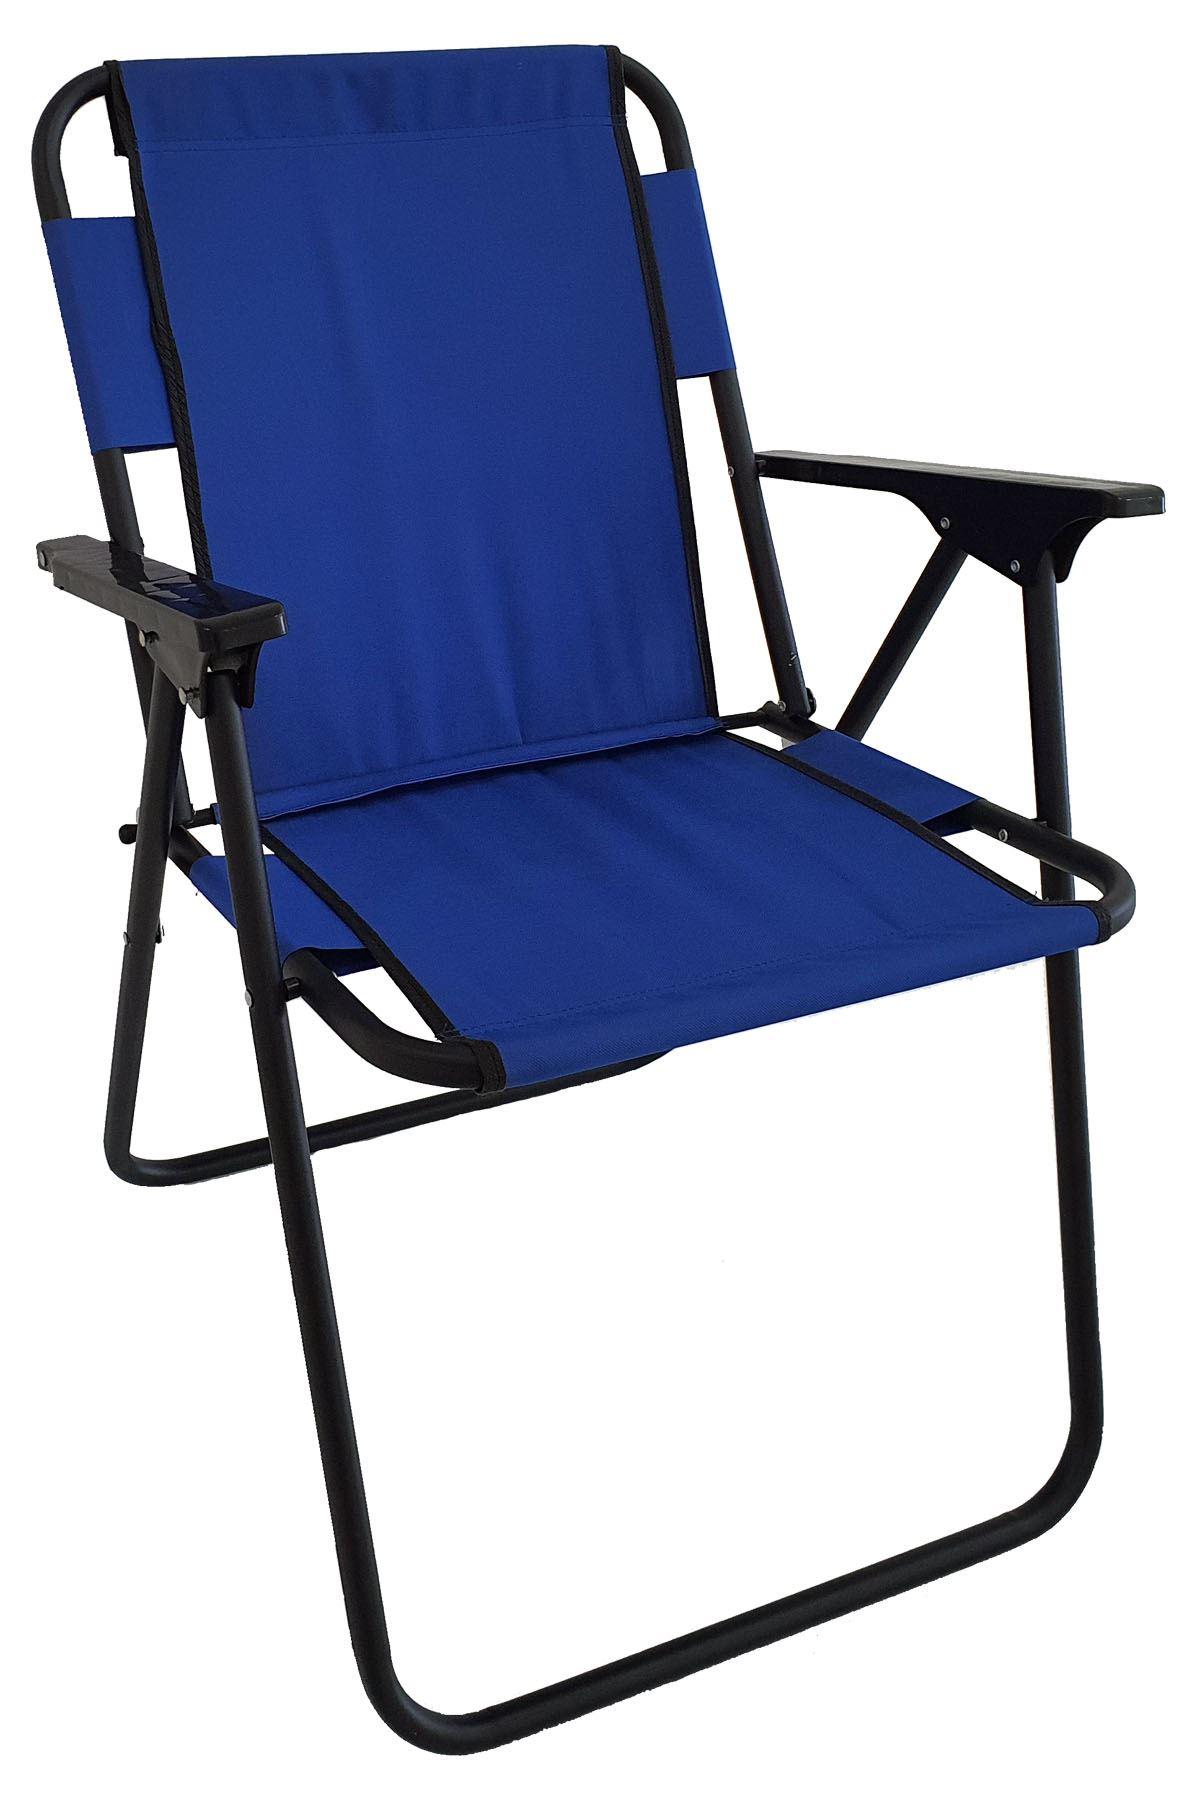 Bofigo Camping Chair Folding Chair Picnic Chair Beach Chair Blue